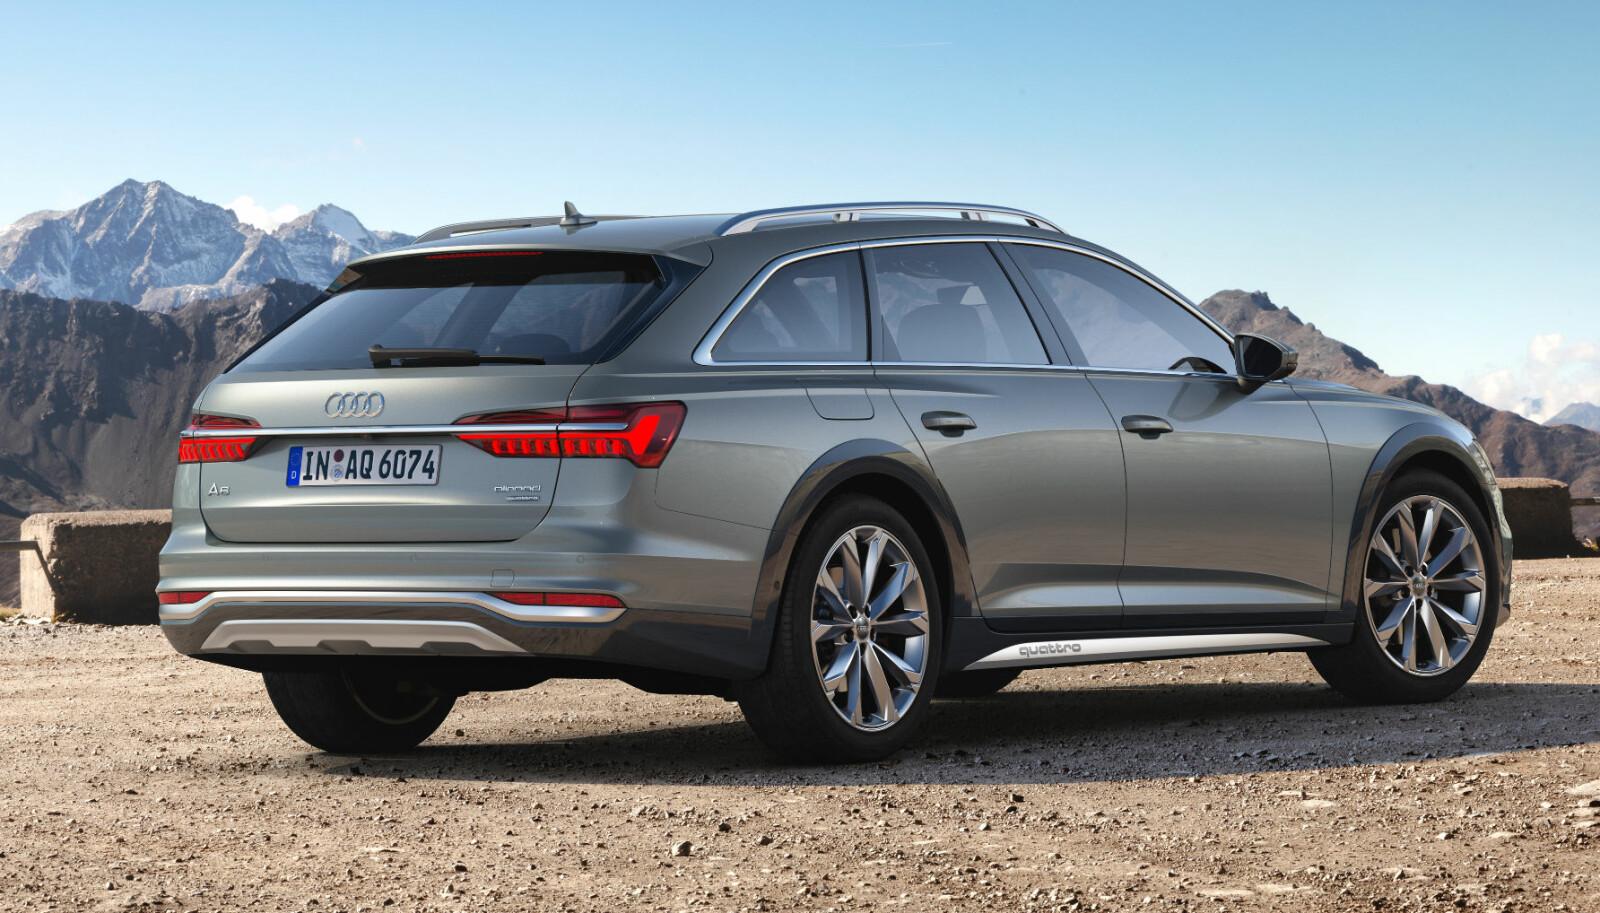 KRAFTIG DIESEL: Audi A6 Allroad kommer med dieselmotorer som spenner fra 231 hester til hele 349 hestekrefter. Tillatt tilhengervekt er 2500 kilo.